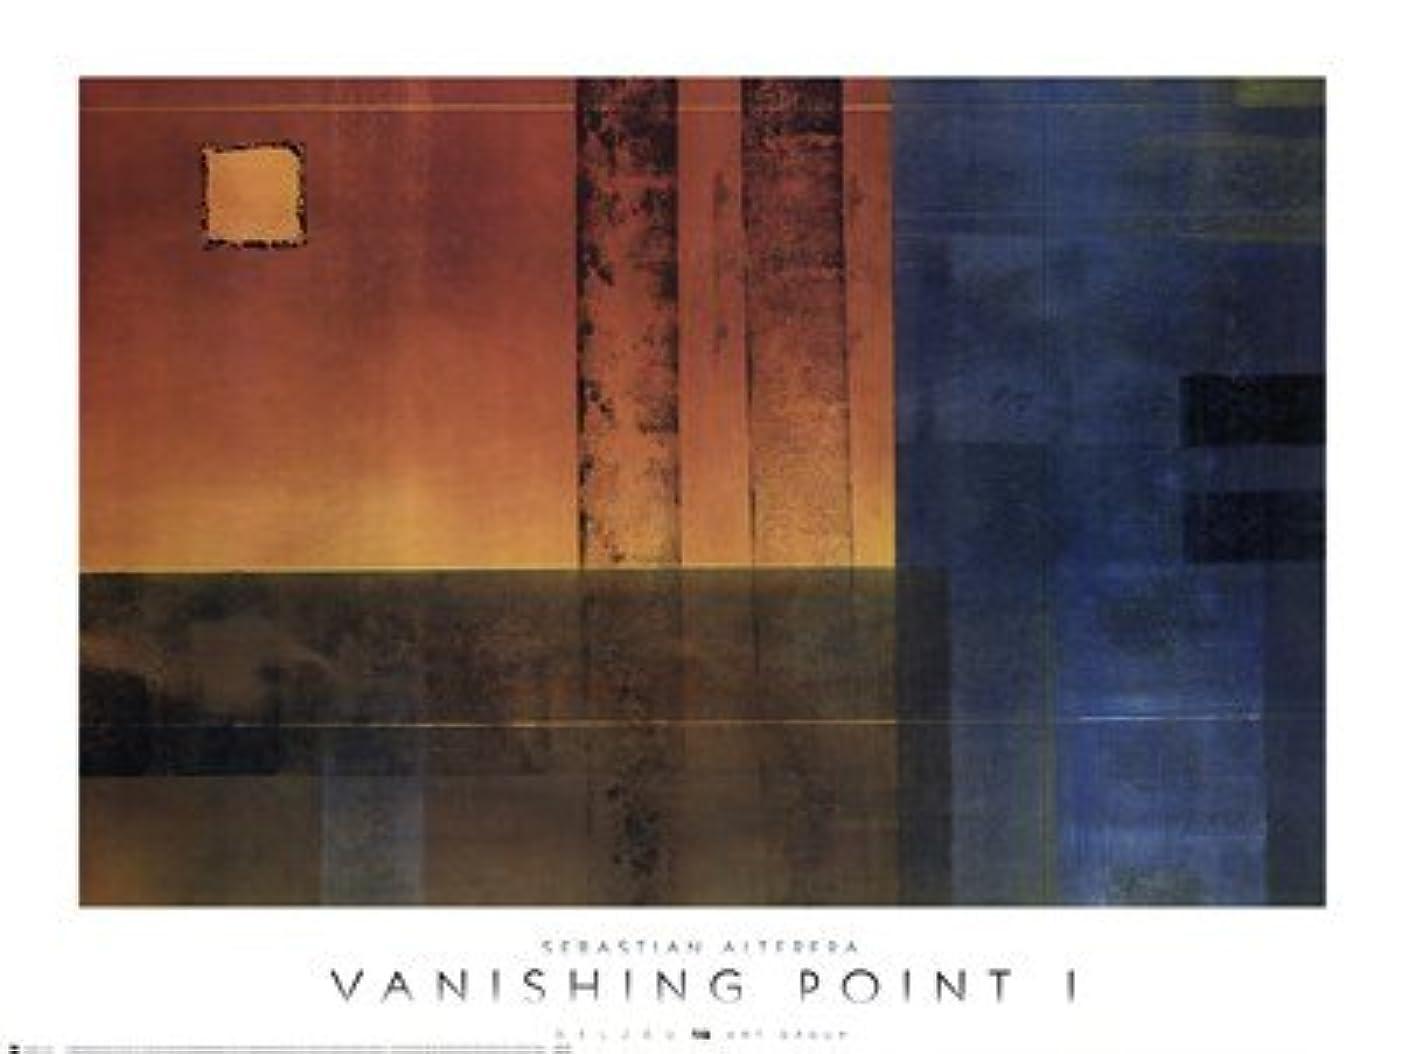 ミス静かな石膏Vanishing Point I by Sebastian Alterera – 36 x 27.25インチ – アートプリントポスター LE_82538